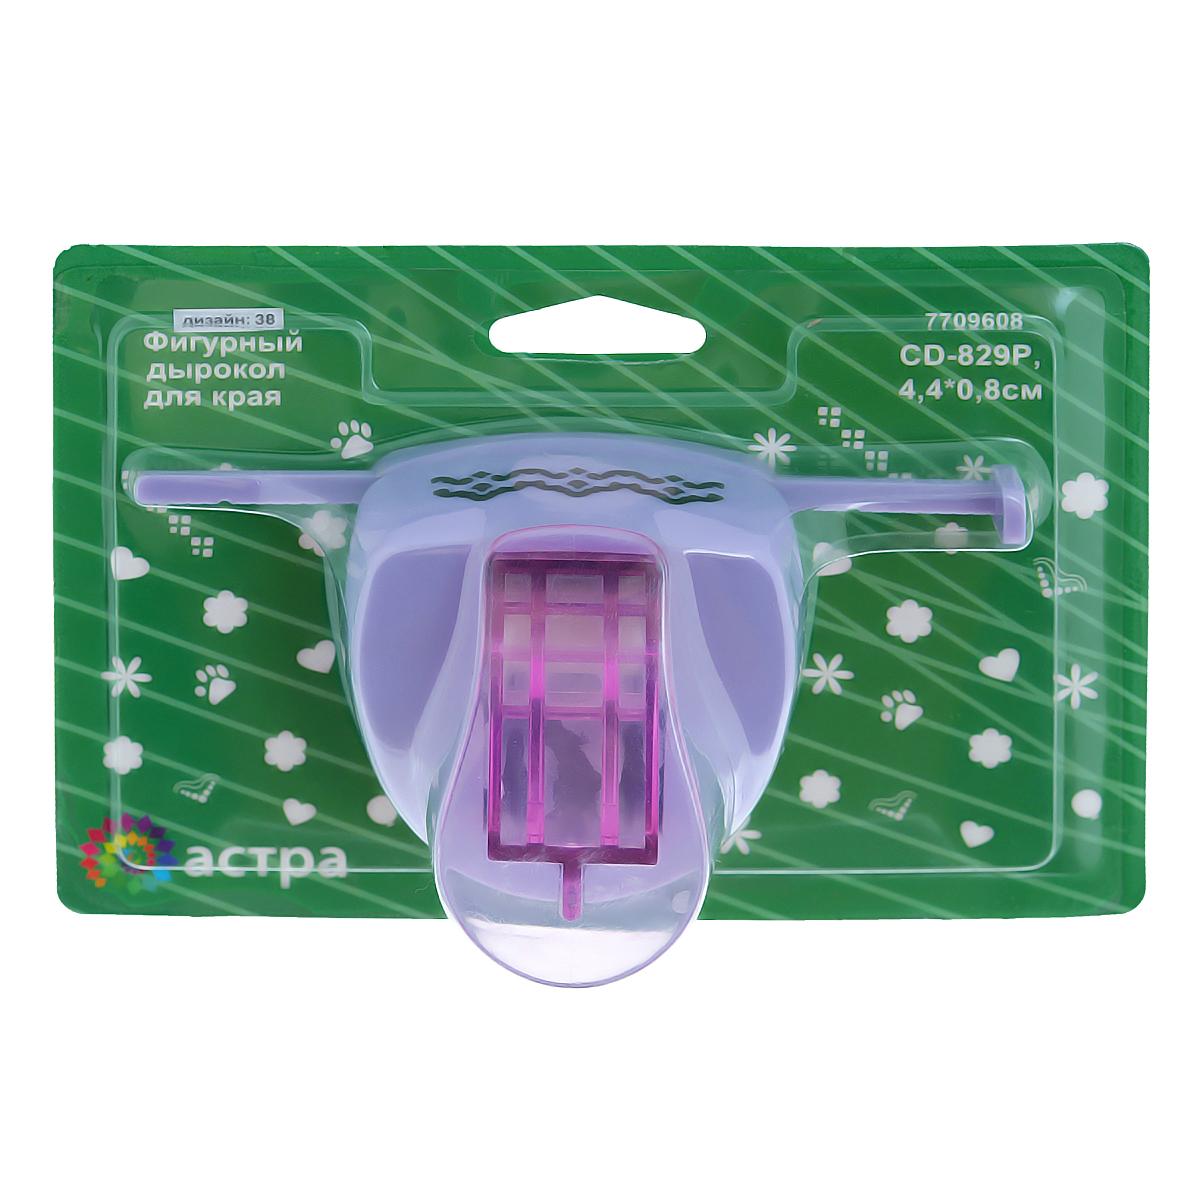 Дырокол фигурный Астра Волны, для края, №387709608_38Дырокол Астра Волны поможет вам легко, просто и аккуратно вырезать много одинаковых мелких фигурок. Встроенная линейка позволяет точно измерять расстояние от края листа.Режущие части компостера закрыты пластмассовым корпусом, что обеспечивает безопасность для детей. Можно использовать вырезанные мотивы как конфетти или для наклеивания. Дырокол подходит для разных техник: декупажа, скрапбукинга, декорирования.Размер дырокола: 13 см х 7 см х 5 см.